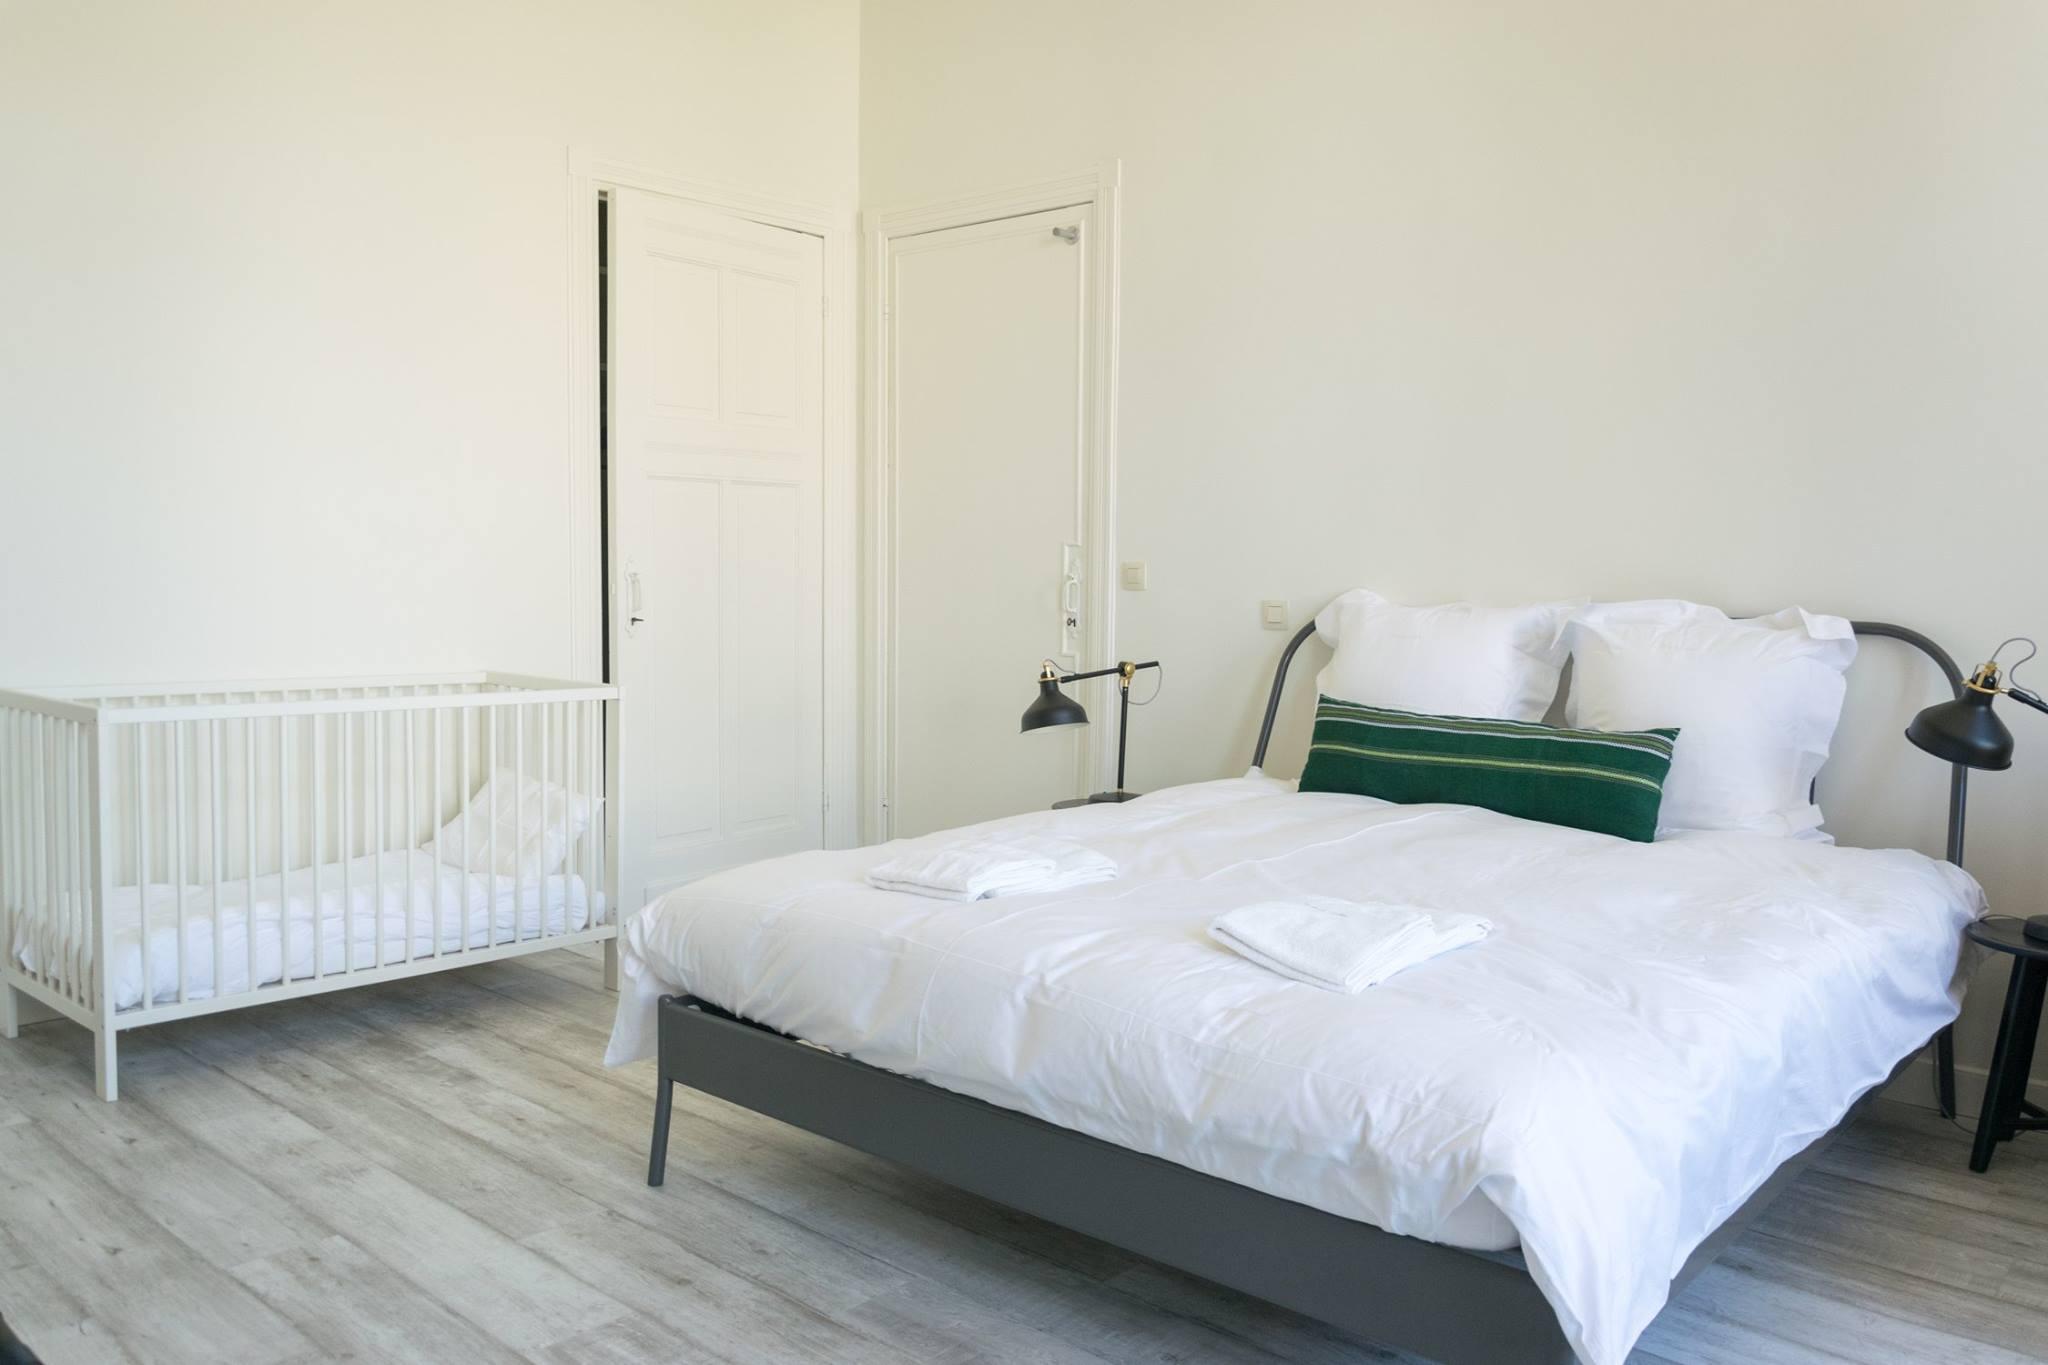 vakantiehuis slaapkamer 1